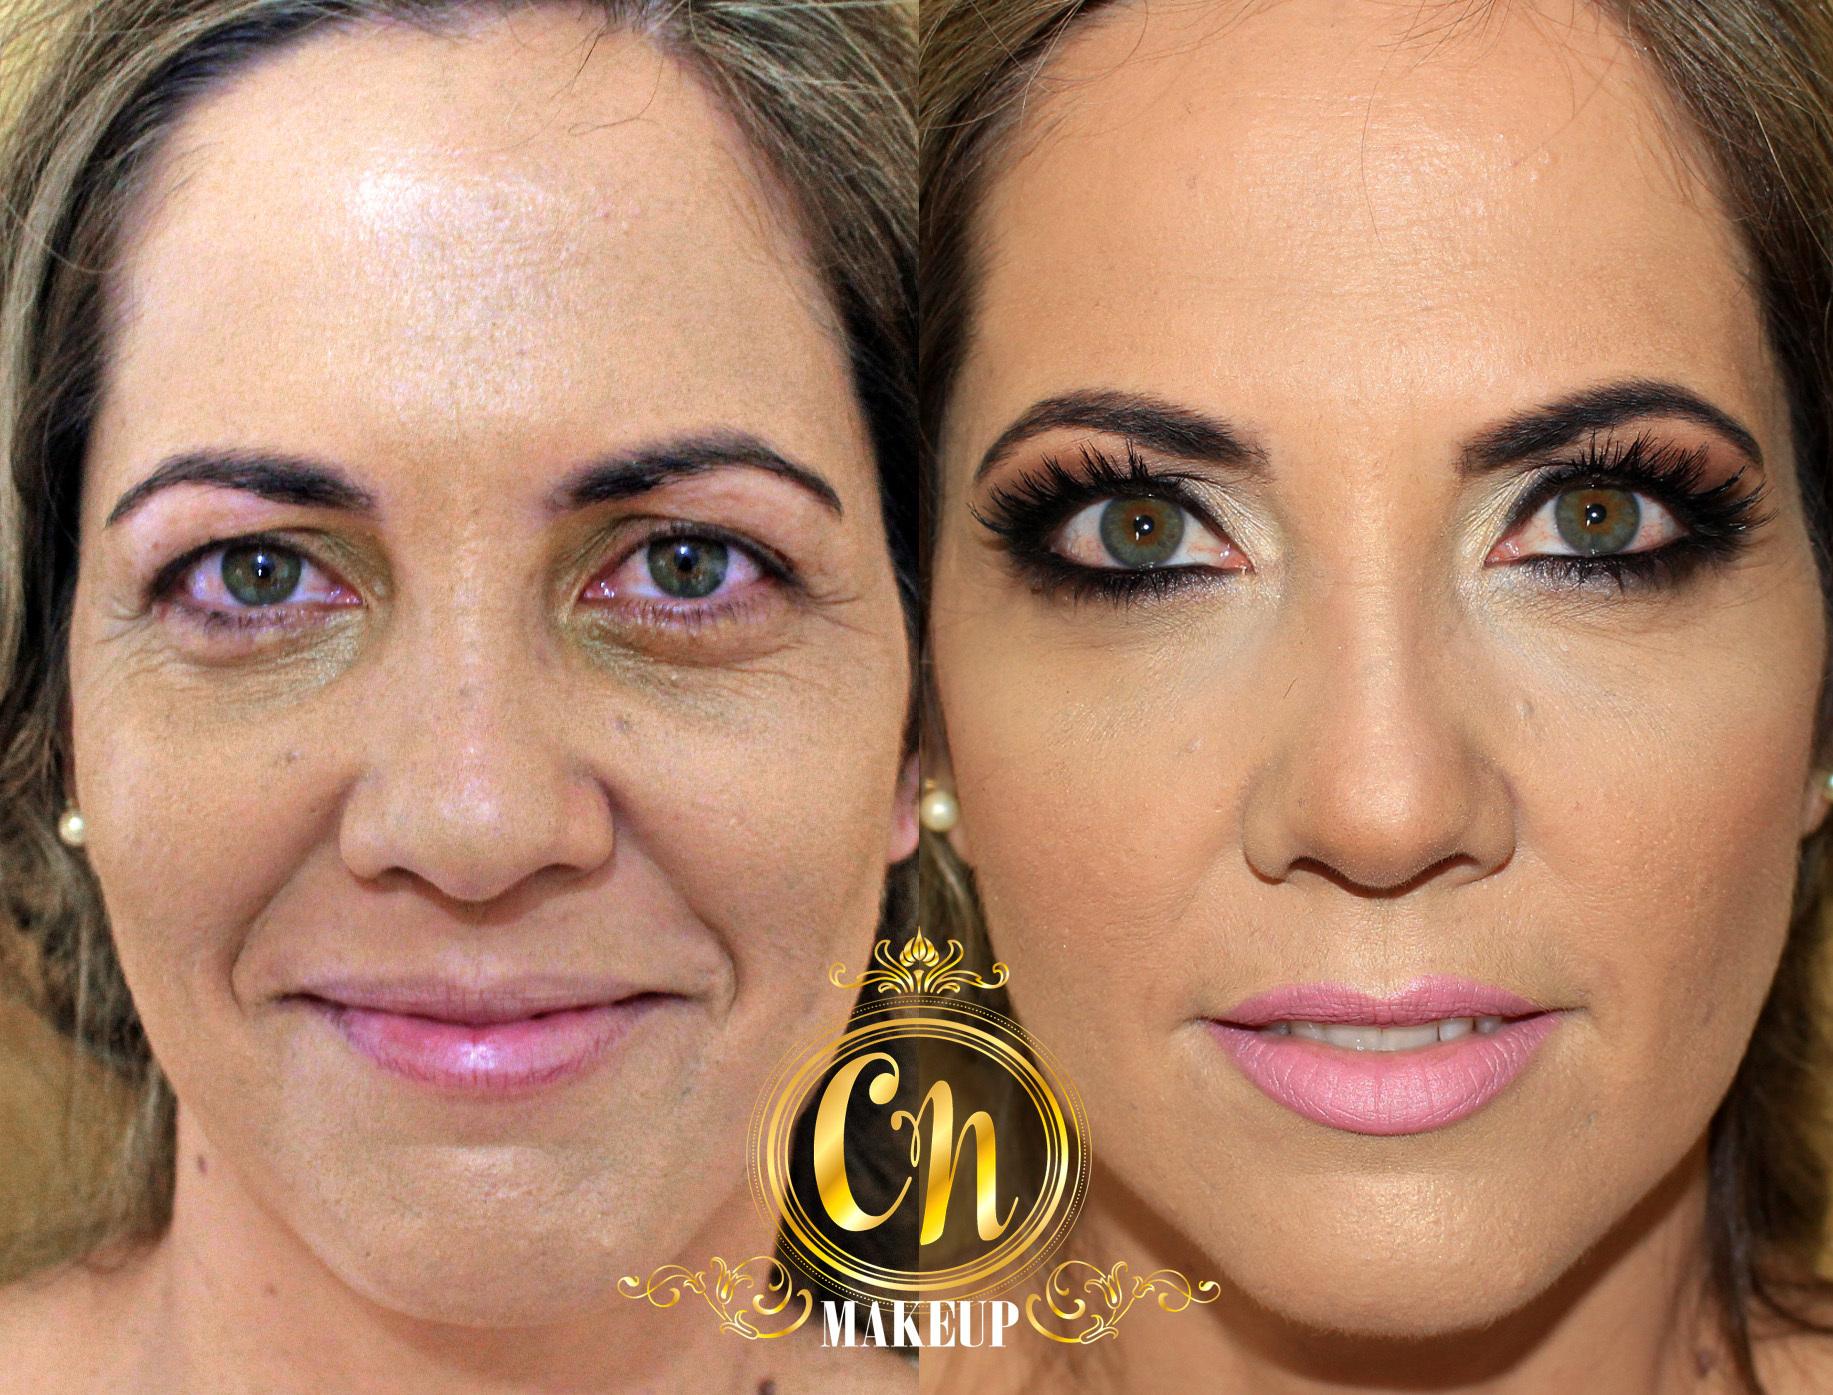 Mais uma lindona com a beleza realçada ❤❤❤ . . . #maquiagem #maquiagempro #maquiagemubatuba #maquiagens #pelemadura #maquiagempelemadura #antesedepois #producao #maquiadoraubatuba #portfolio #mua #makeuptransformation #beforeafter #maquiagemformatura #formanda #makeupartist maquiagem maquiador(a)